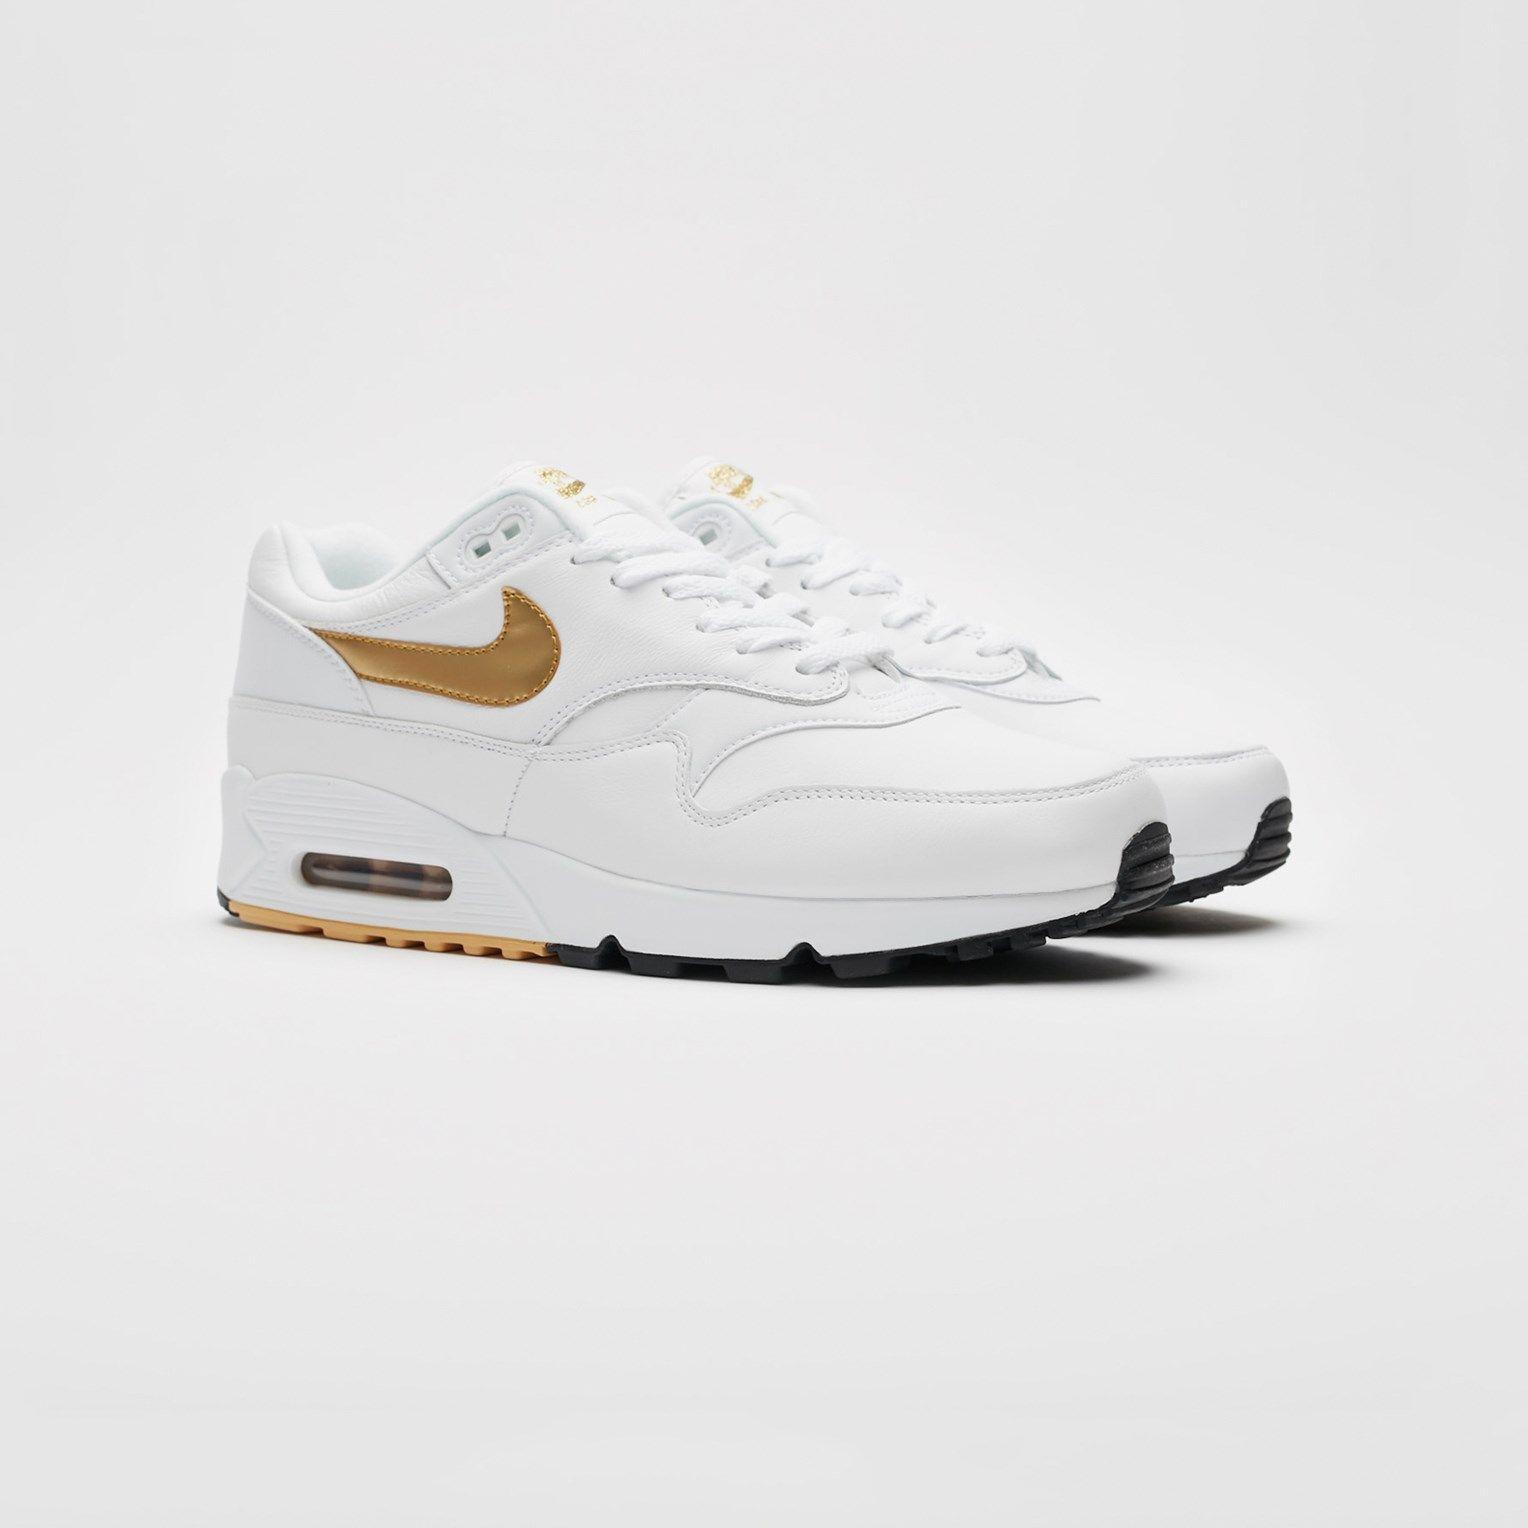 478a3bc0 Nike Air Max 90/1 - Aj7695-102 - Sneakersnstuff   sneakers & streetwear  online since 1999